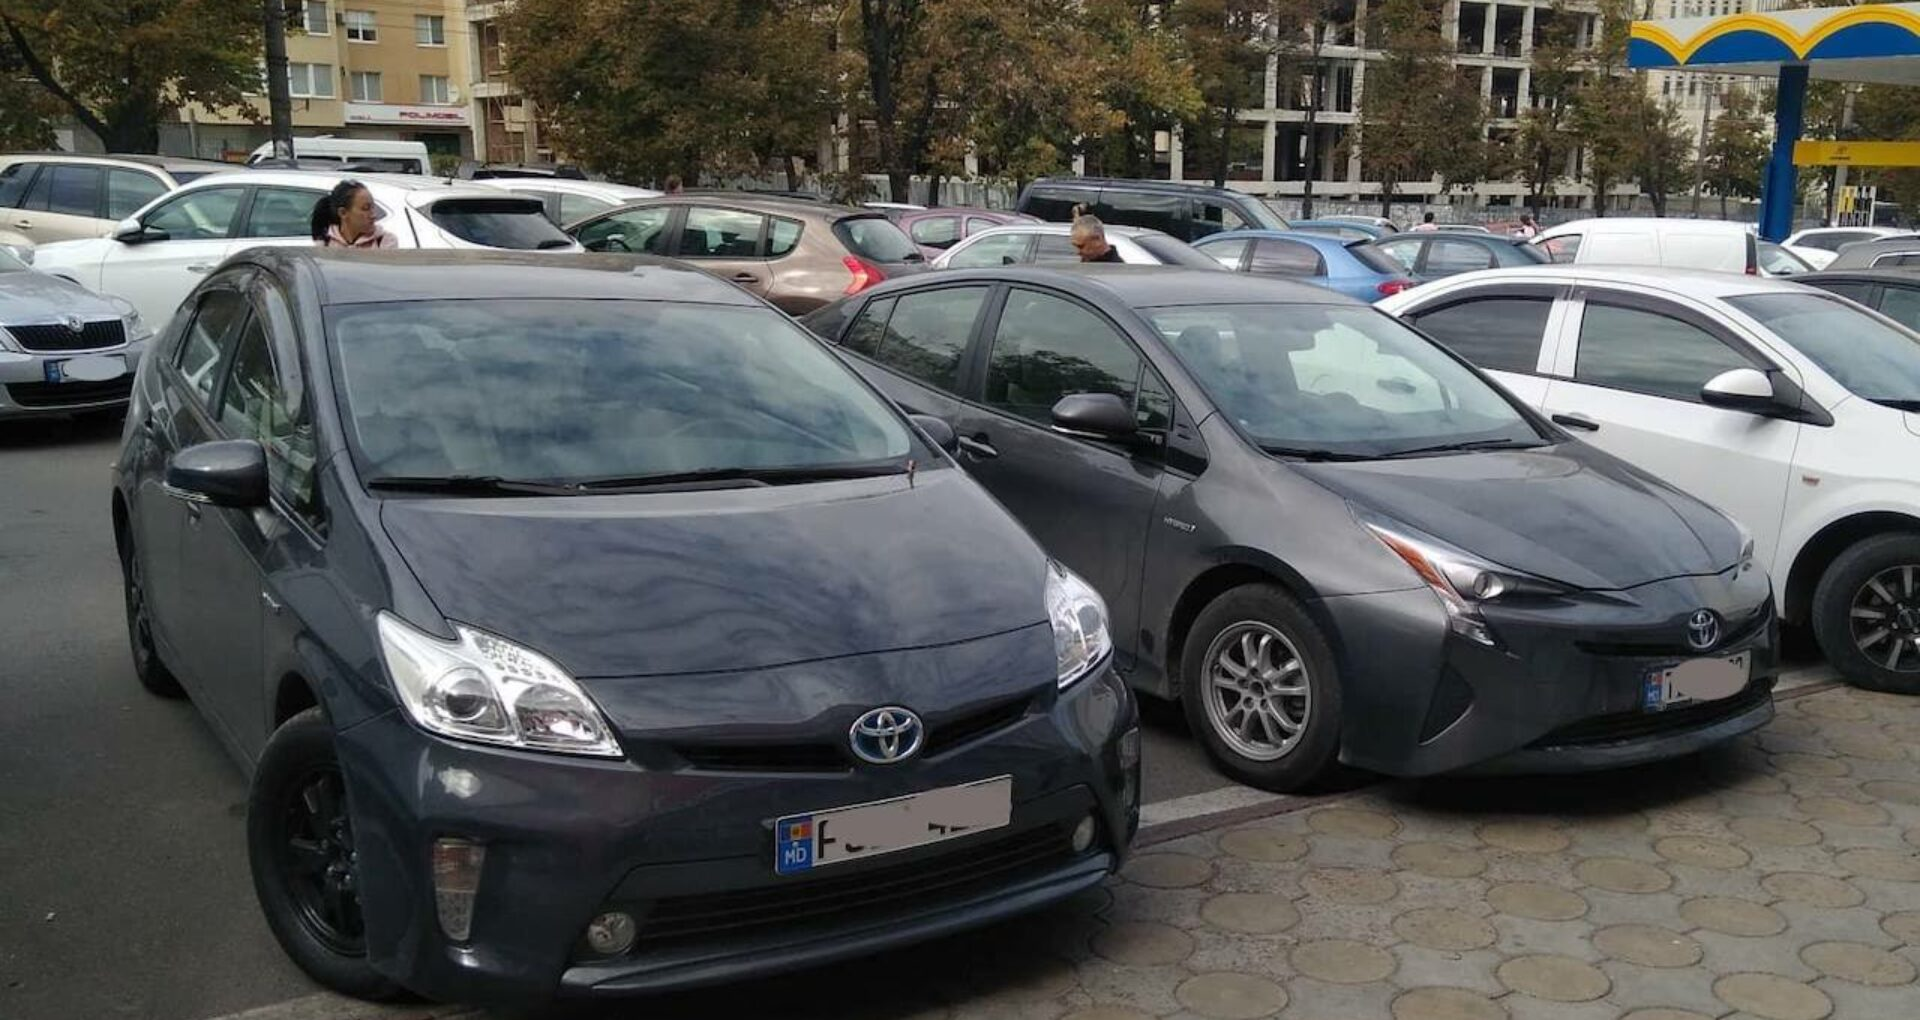 Guvernul insistă pe anularea reducerii de 50% la importul mașinilor hybrid. Cum își argumentează poziția